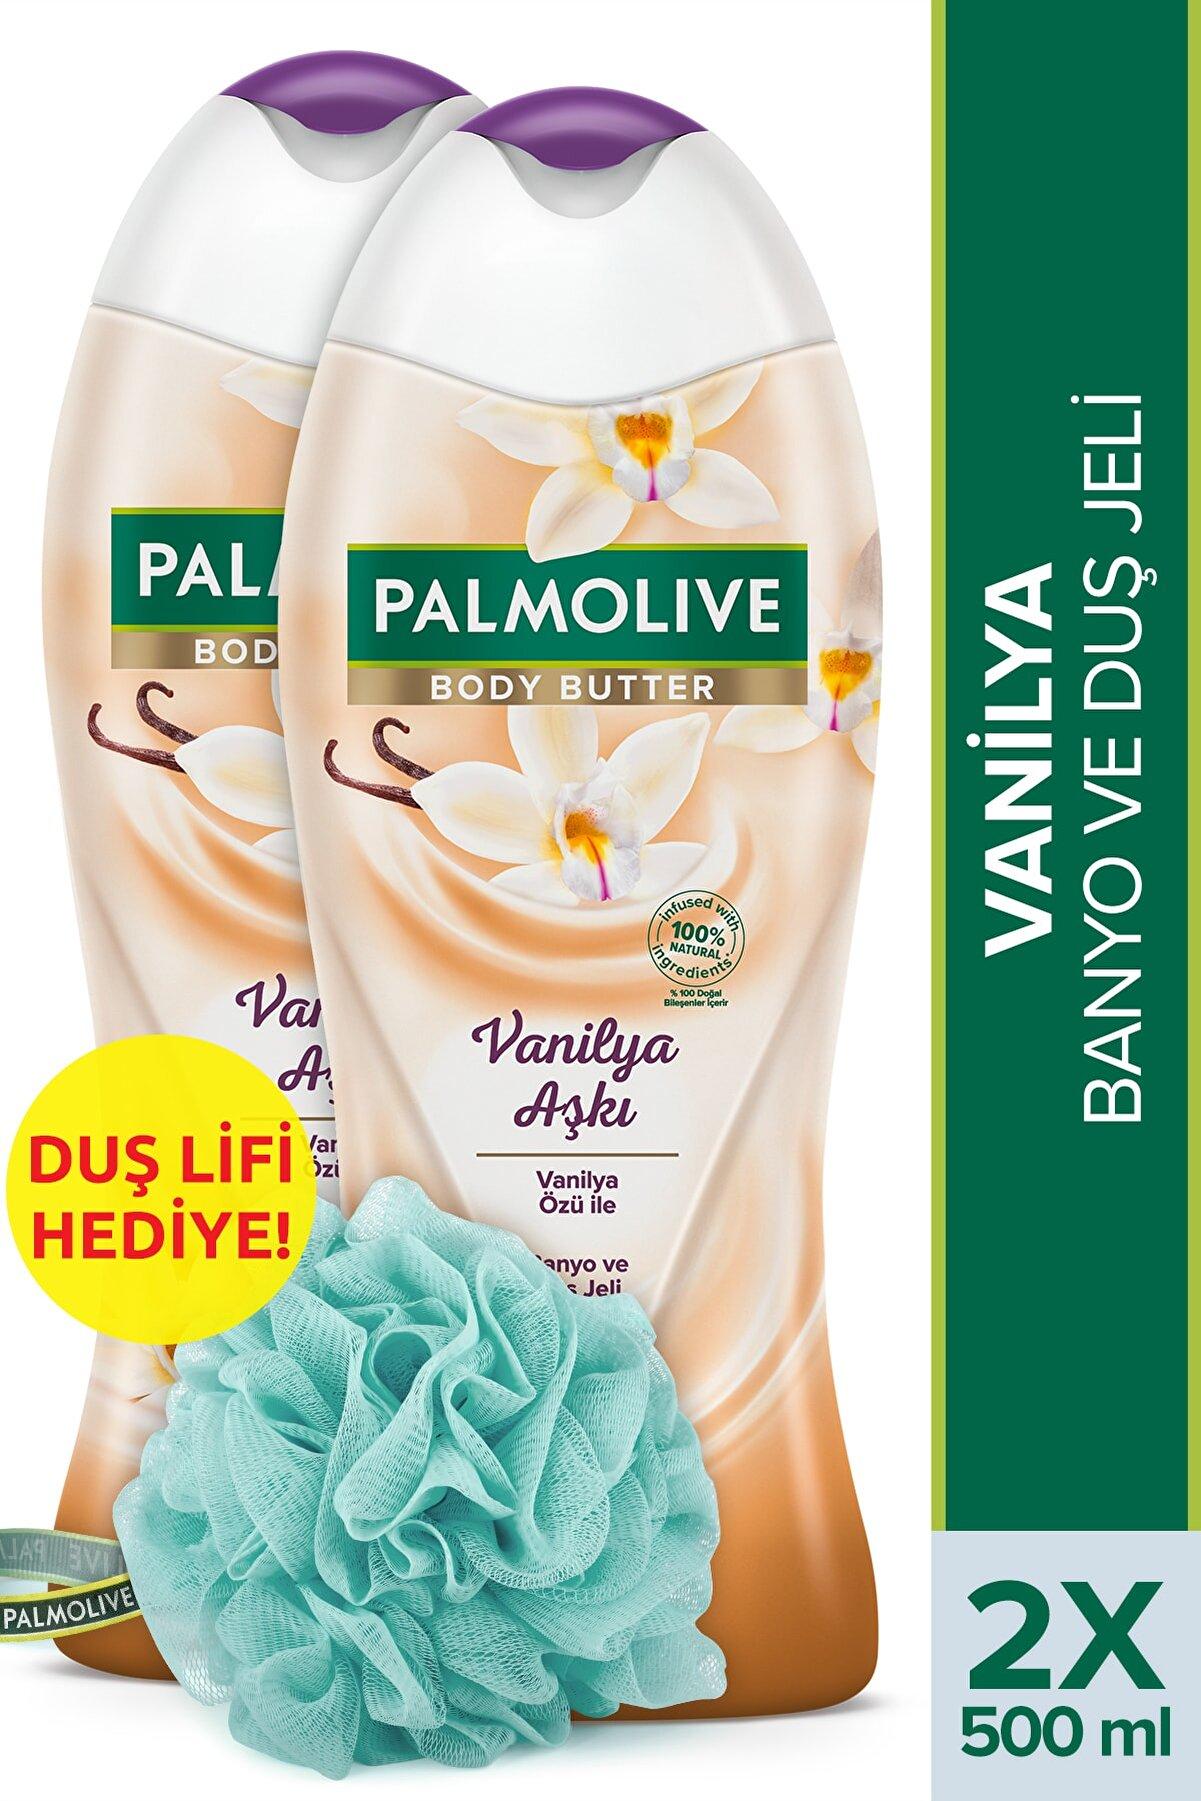 Palmolive Body Butter Vanilya Aşkı Banyo Ve Duş Jeli 500 ml X 2 Adet Duş Lifi Hediye